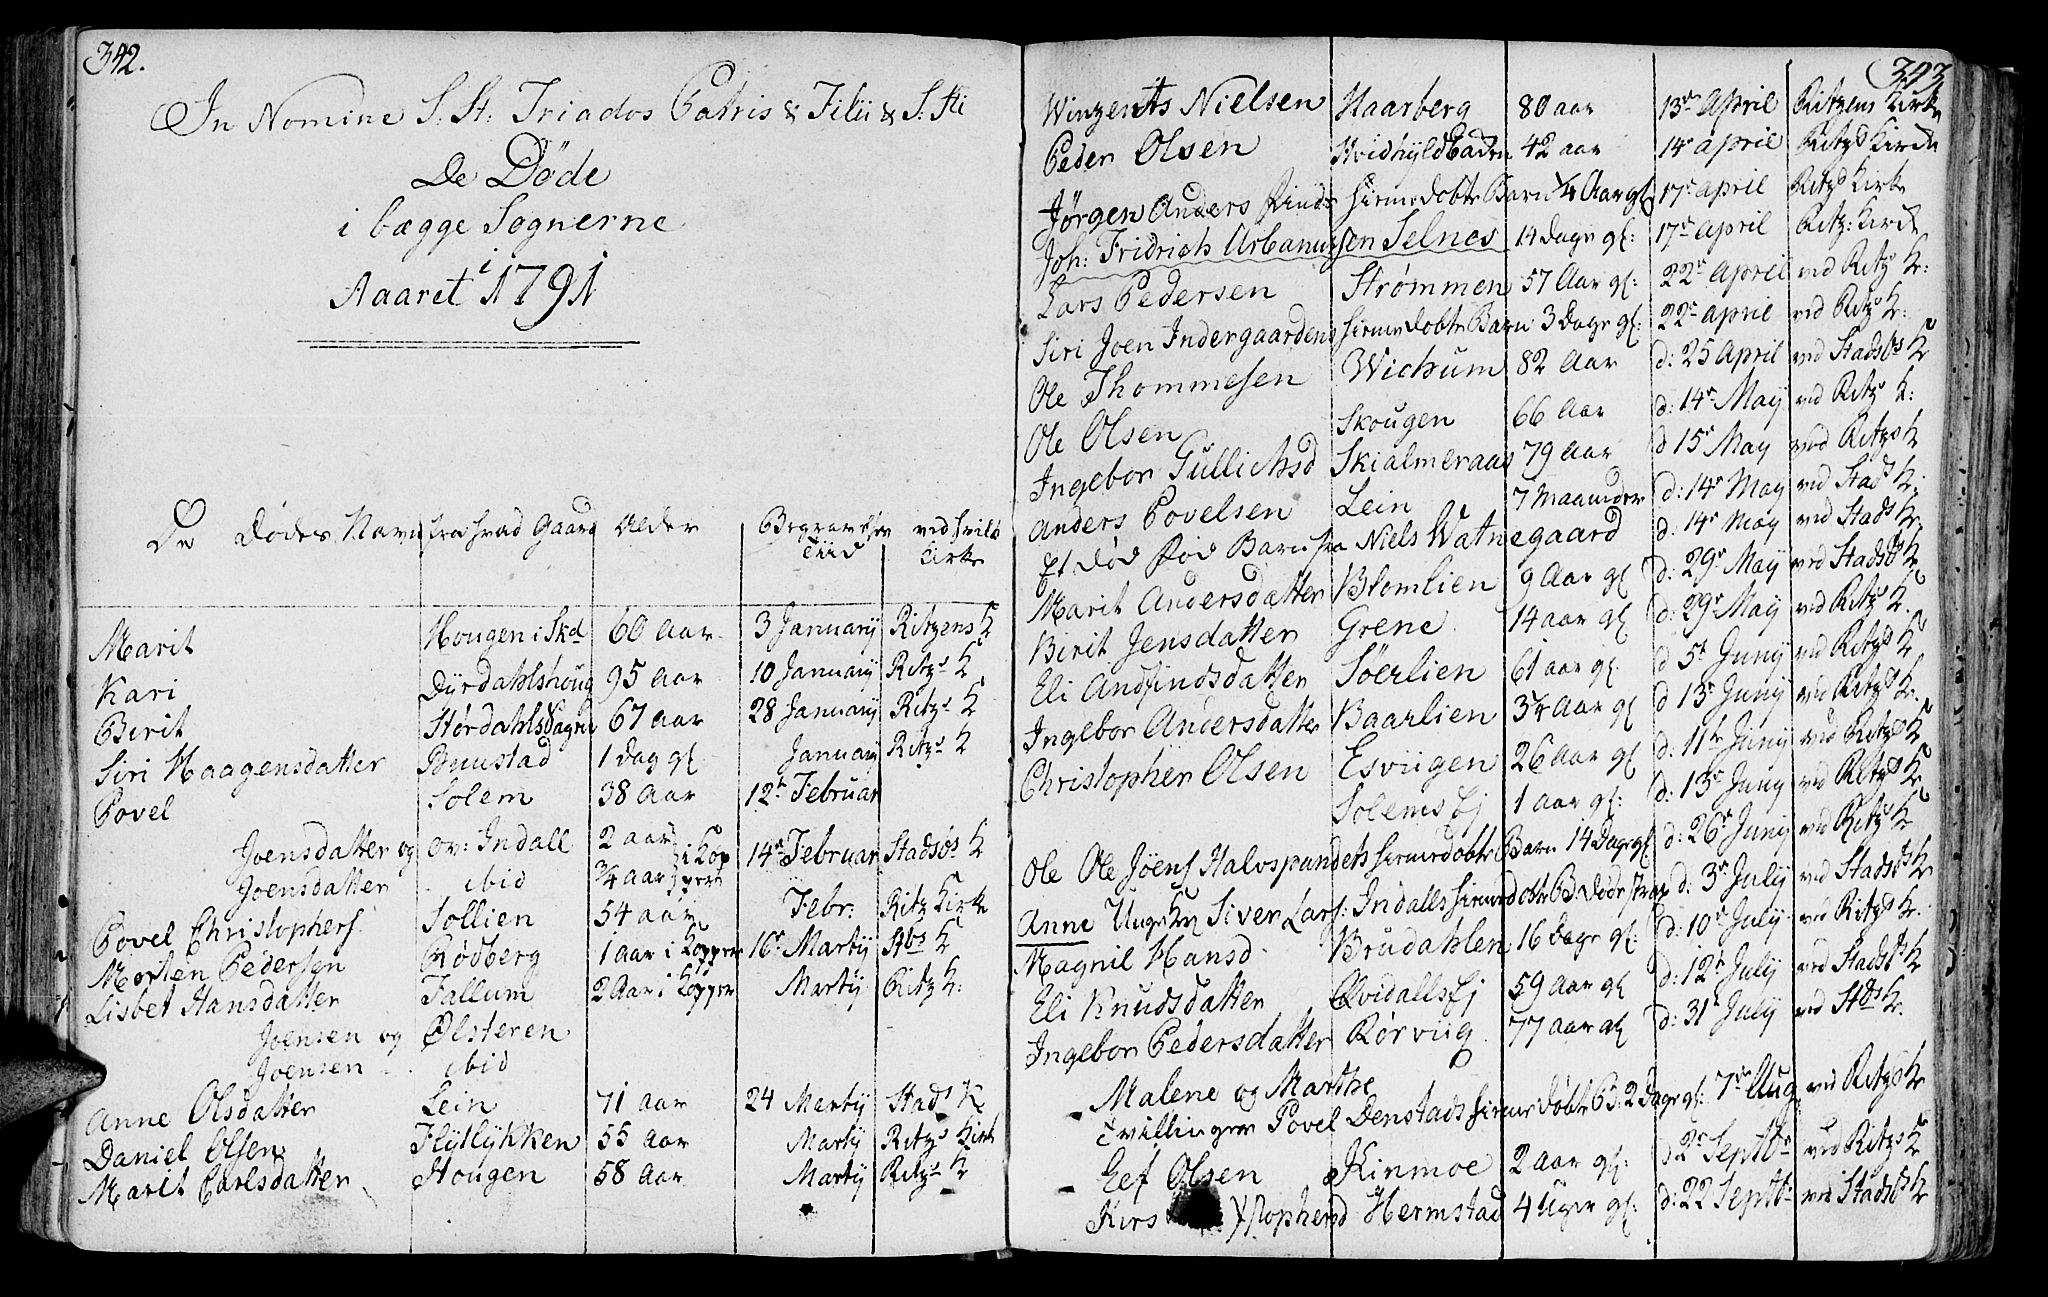 SAT, Ministerialprotokoller, klokkerbøker og fødselsregistre - Sør-Trøndelag, 646/L0606: Ministerialbok nr. 646A04, 1791-1805, s. 342-343